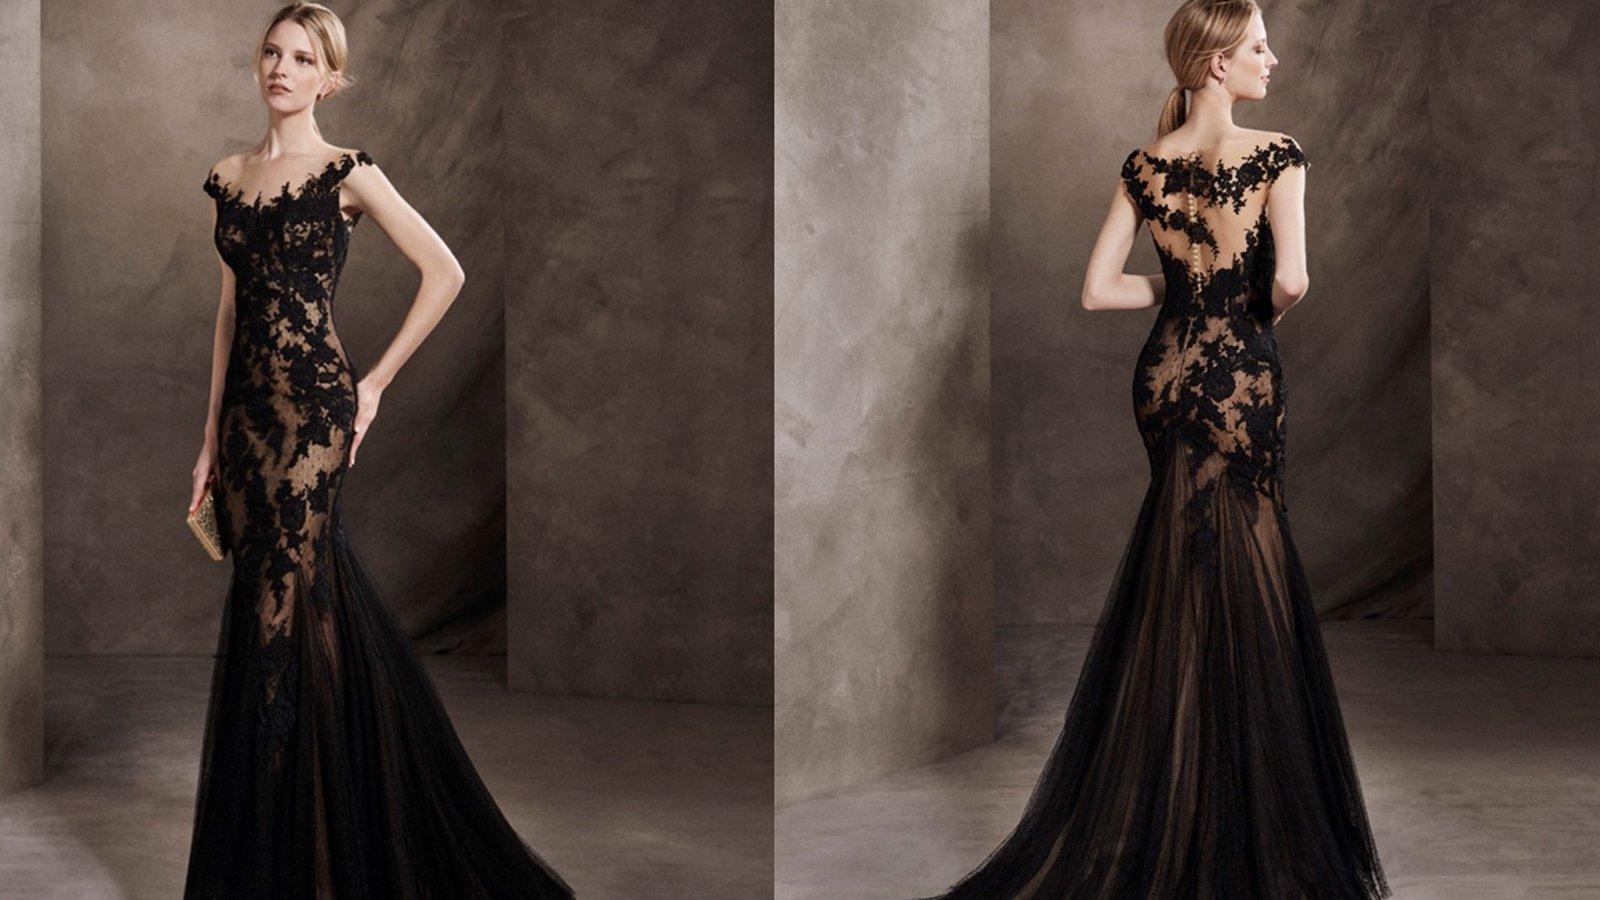 una modella con un abito in pizzo dl color nero